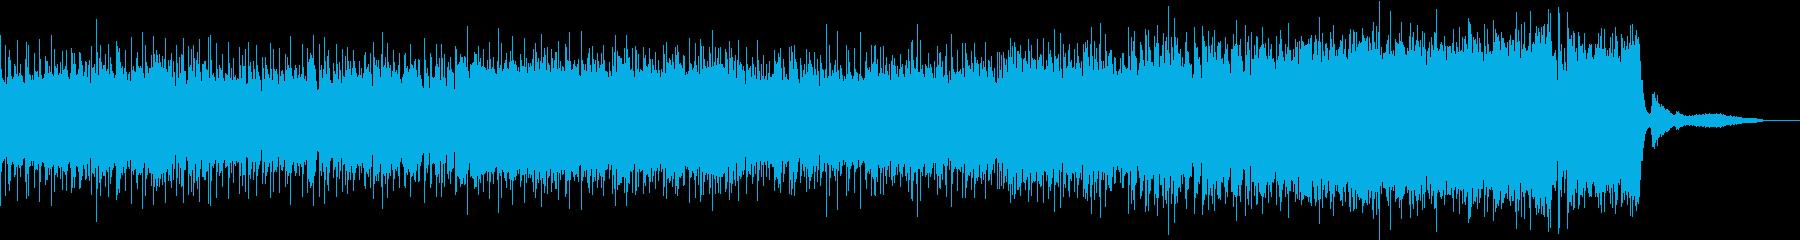 かっこいいバトル系シンフォニックロックの再生済みの波形